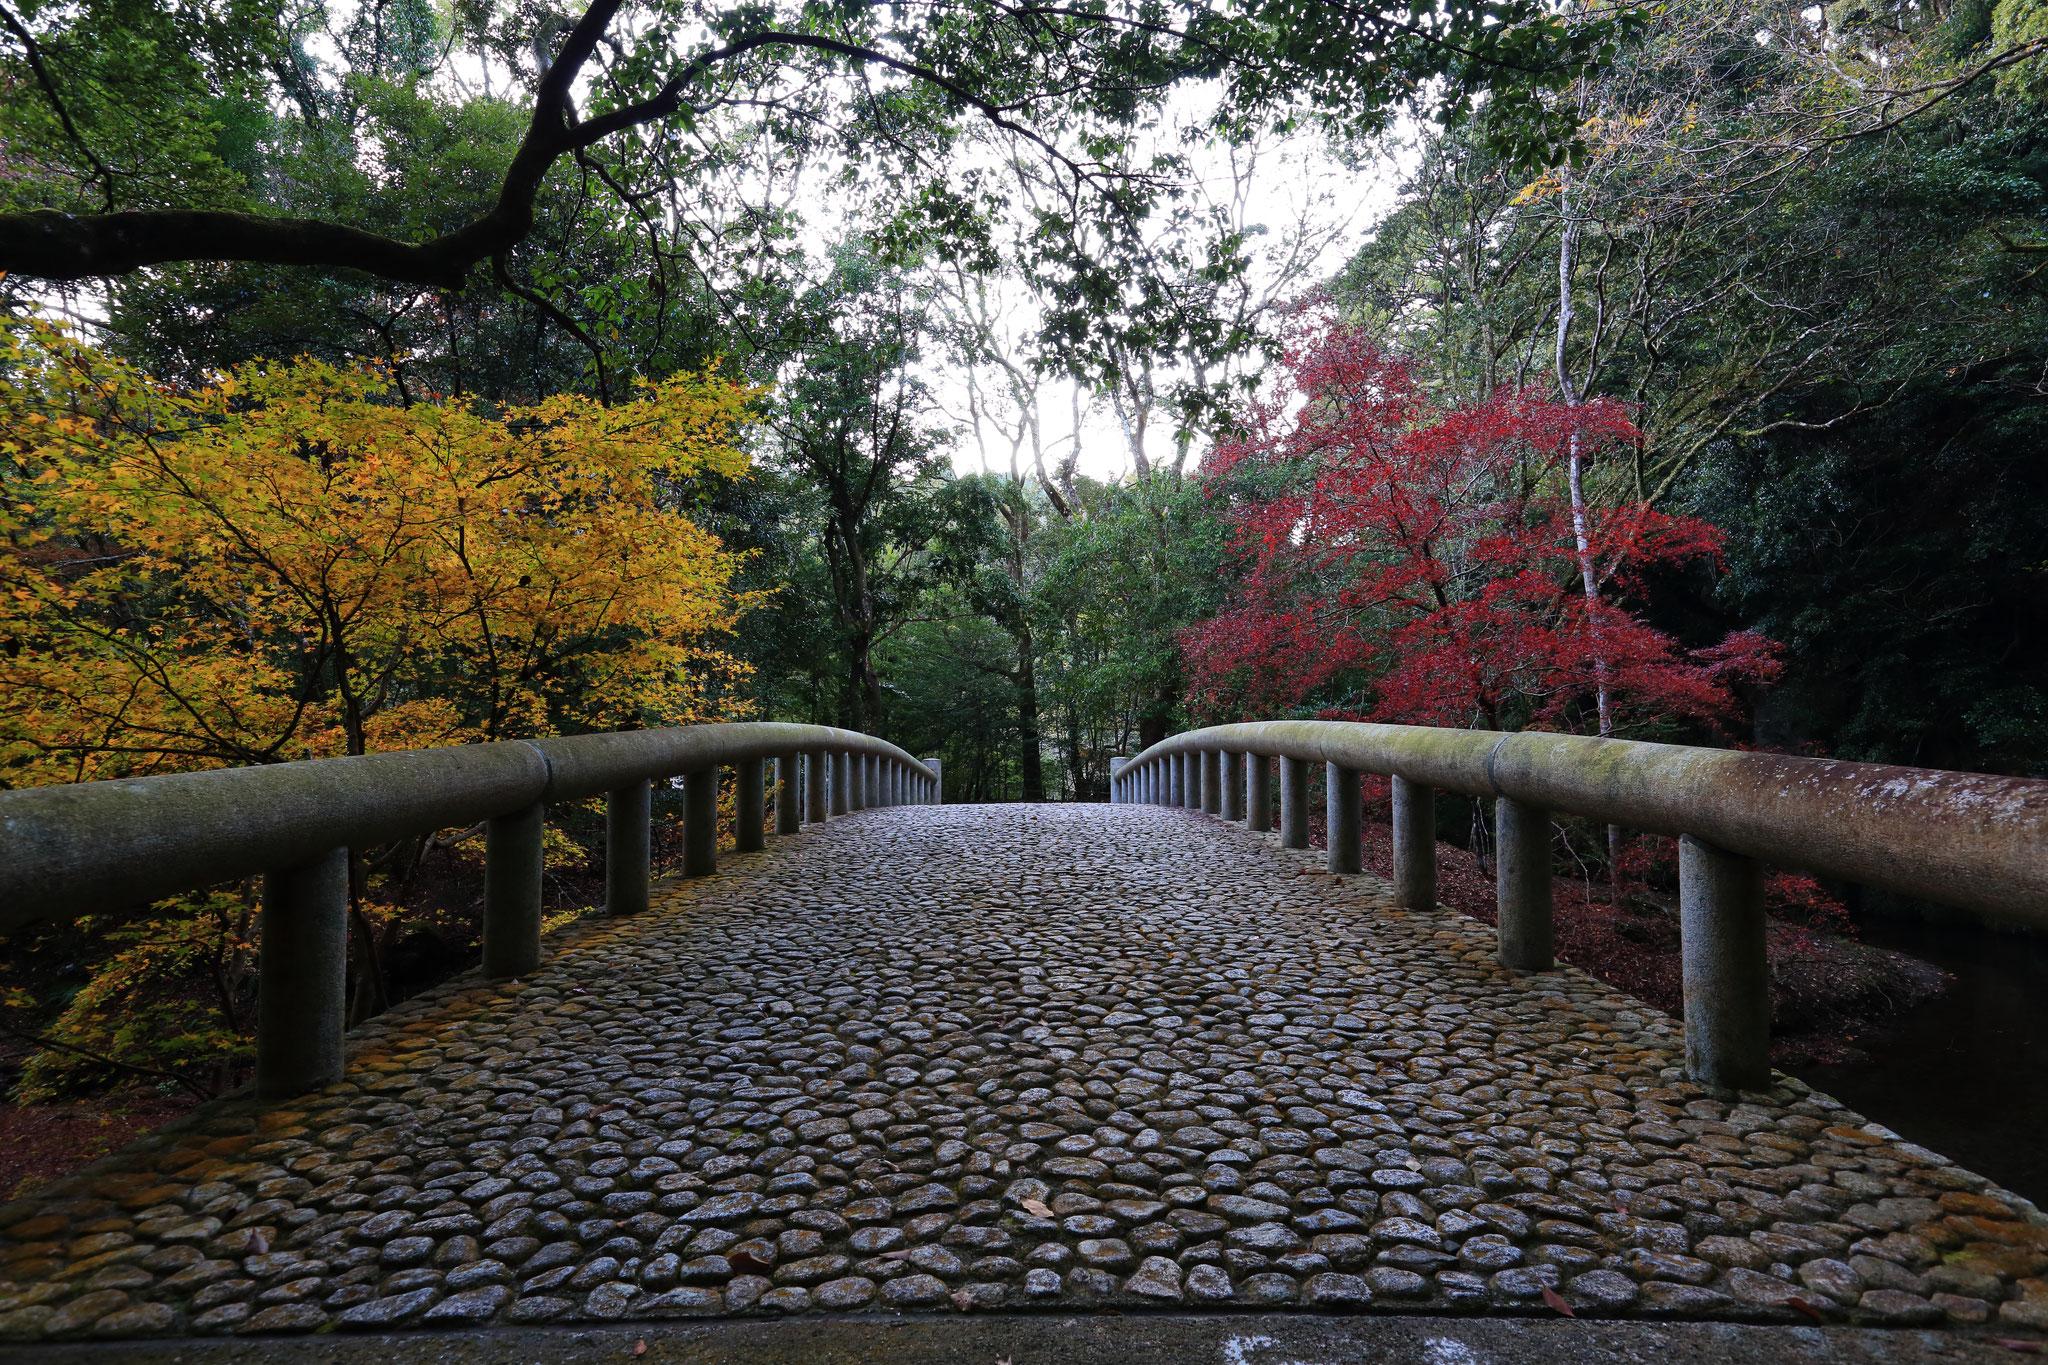 吾平山陵も紅葉を魅せてくれます